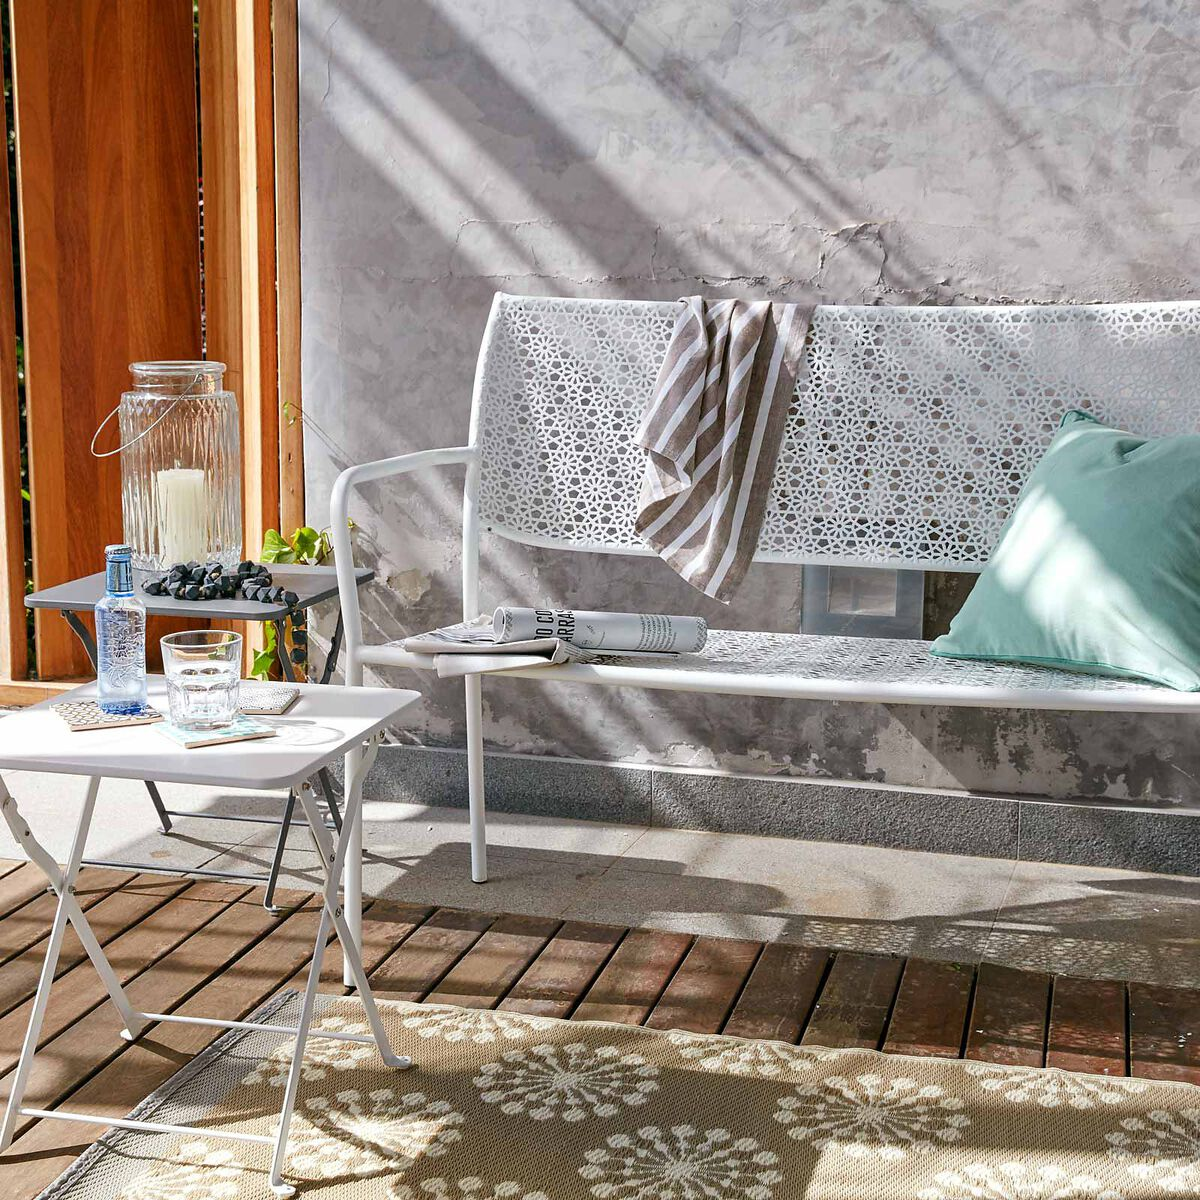 gartenbank flora aus metall ca b 122cm x h 88cm wei depot de. Black Bedroom Furniture Sets. Home Design Ideas